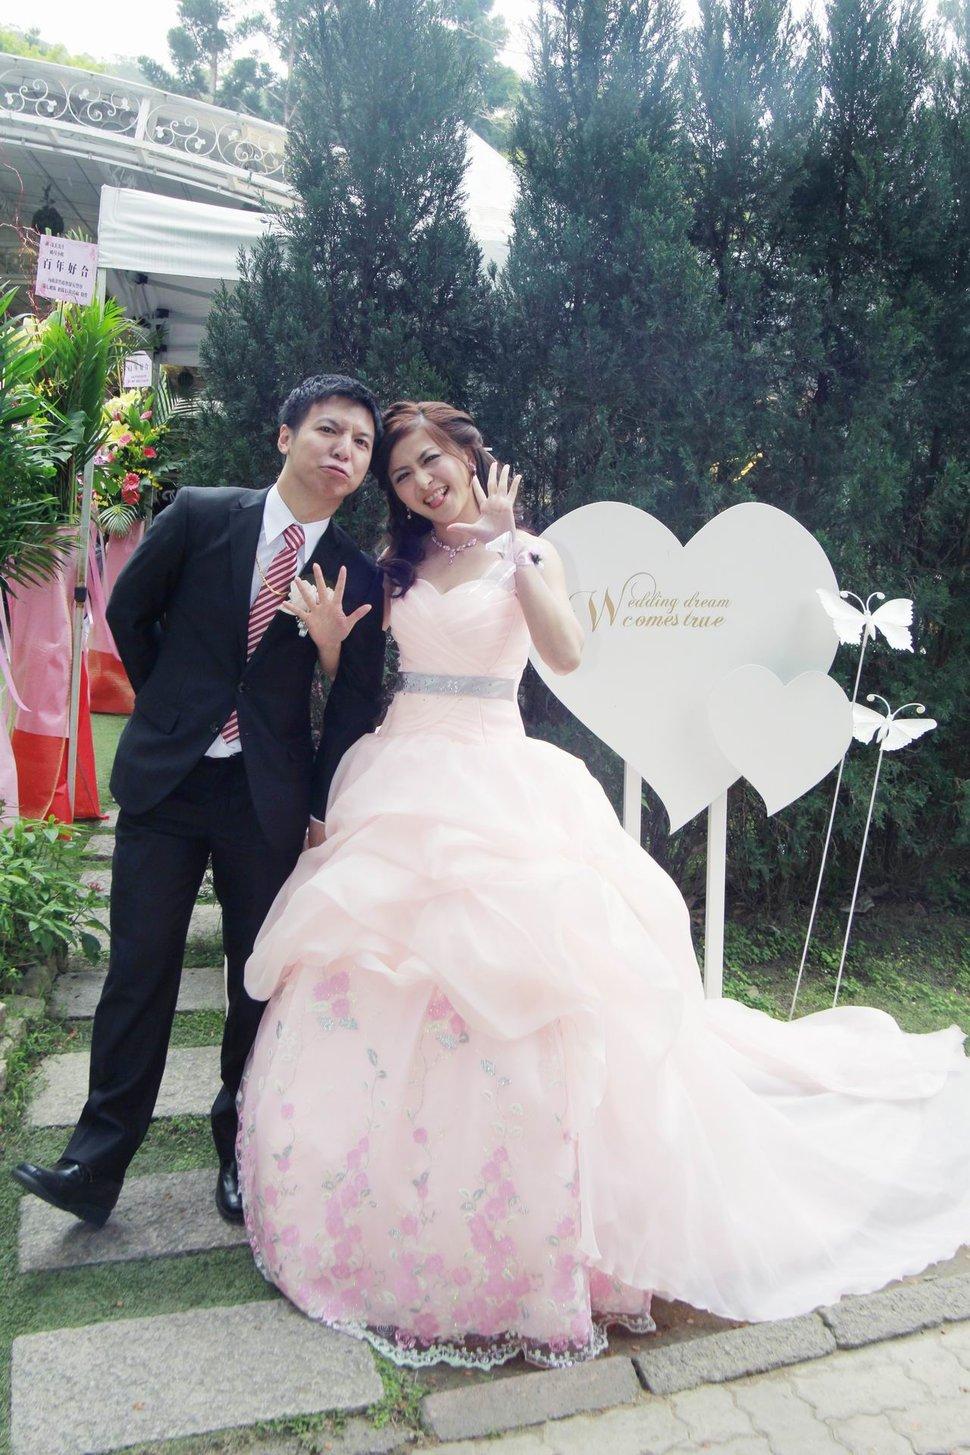 青青食尚花園會館婚禮記錄結婚迎娶婚禮記錄動態微電影錄影專業錄影平面攝影婚紗攝攝影婚禮主持人(編號:196779) - 蜜月拍照10800錄影12800攝影團隊 - 結婚吧